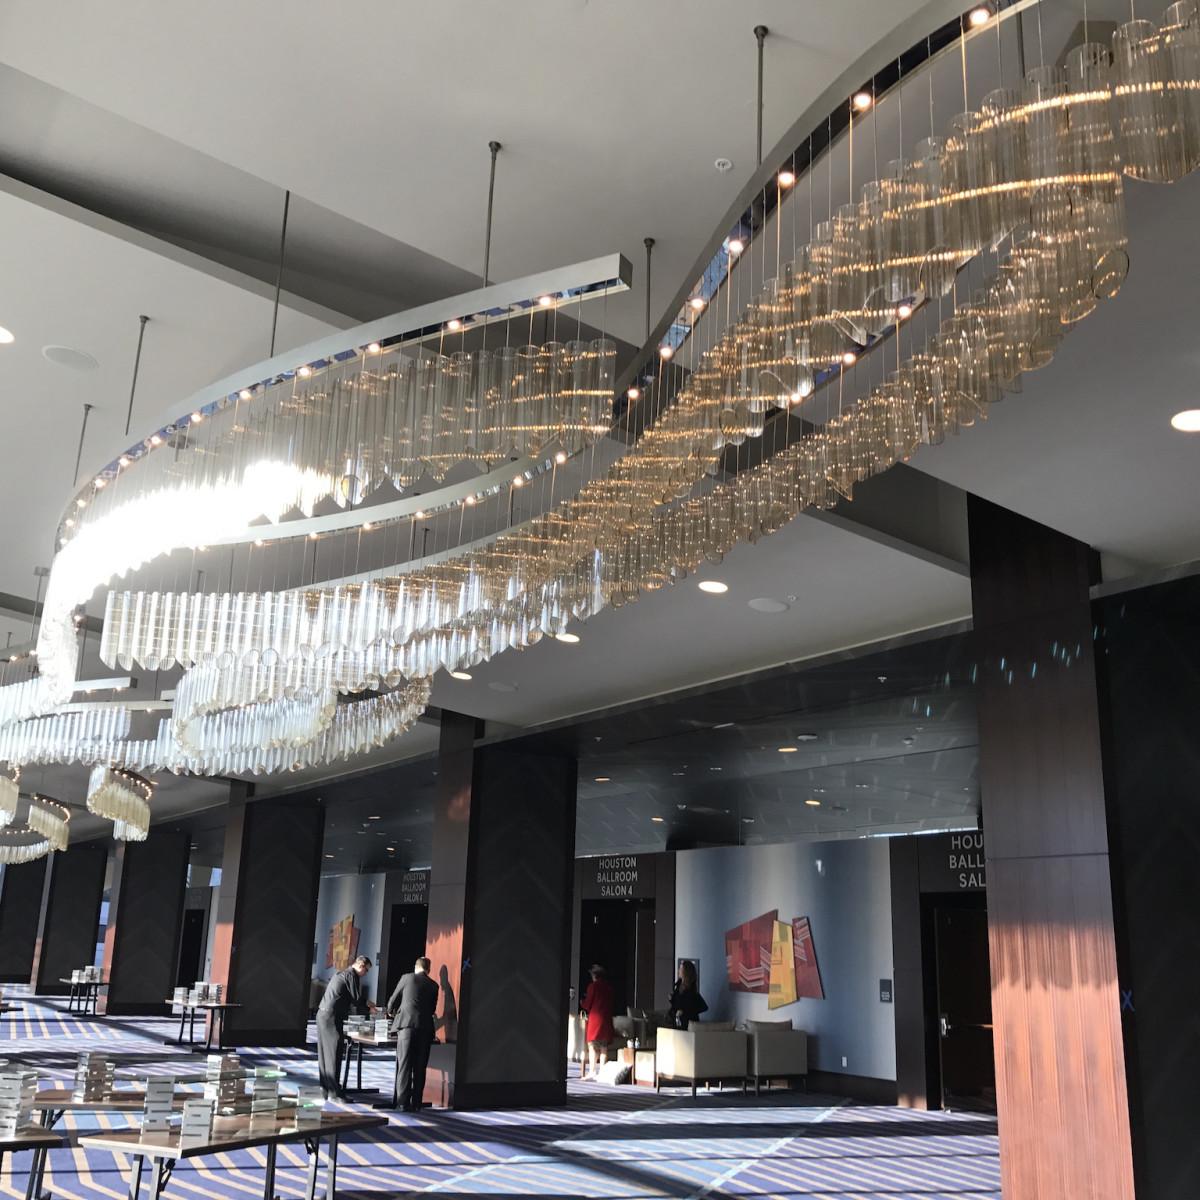 Marriott Marquis ballroom foyer